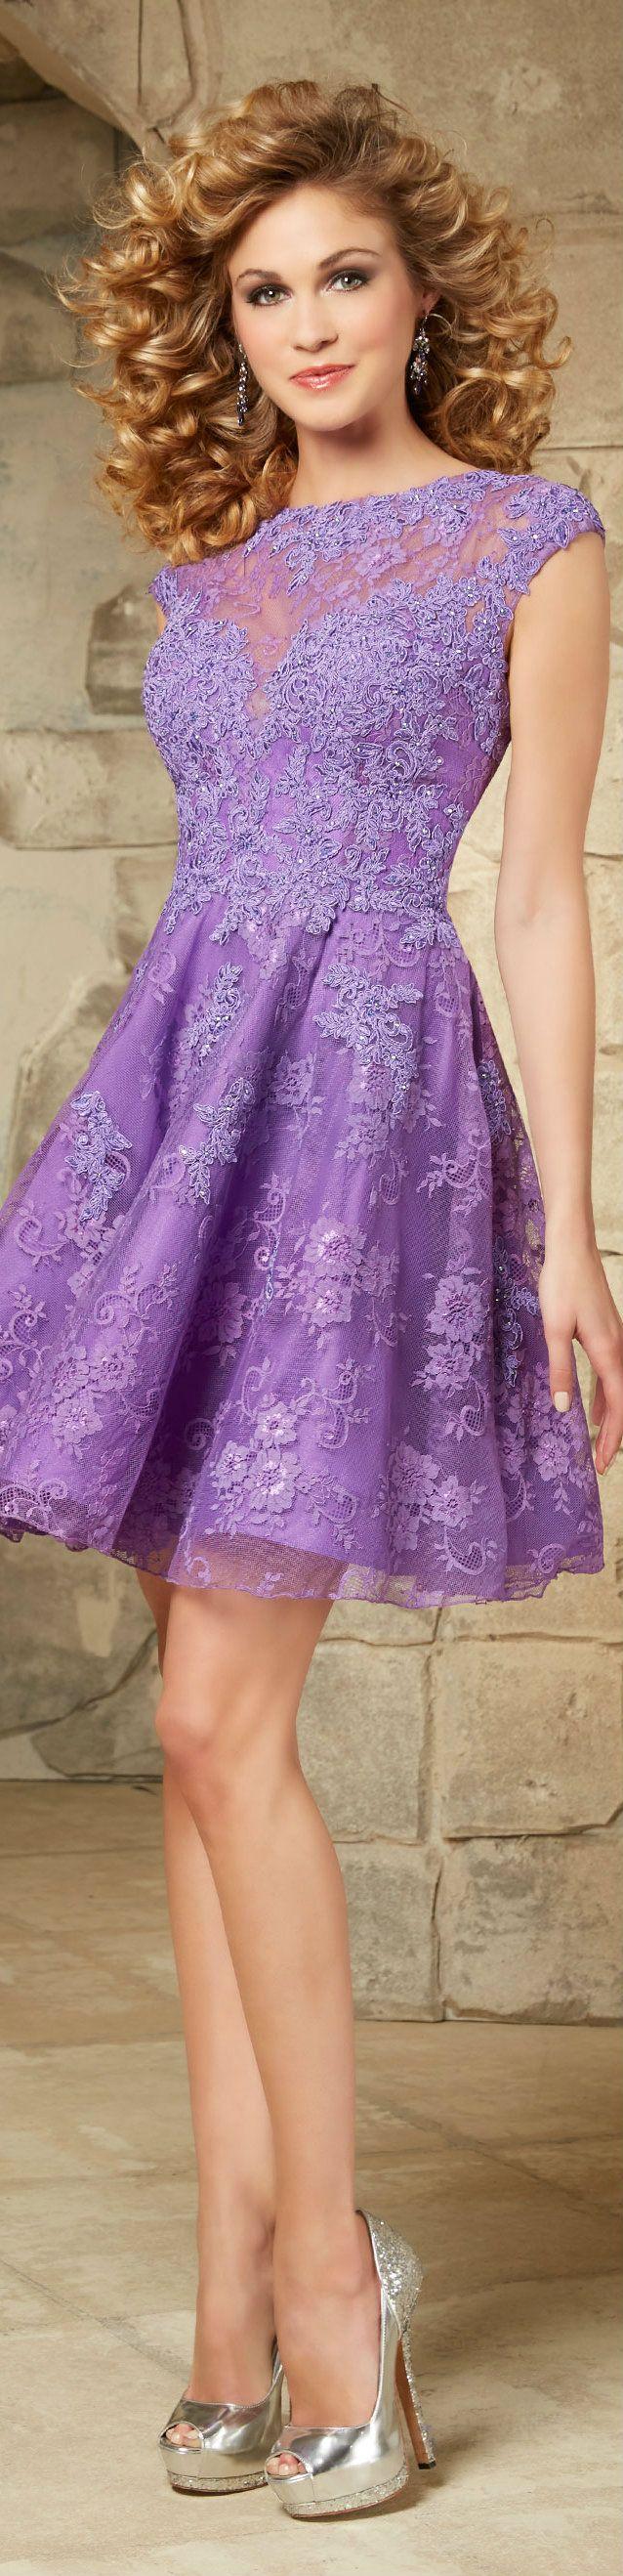 best purple images on pinterest purple colors the color